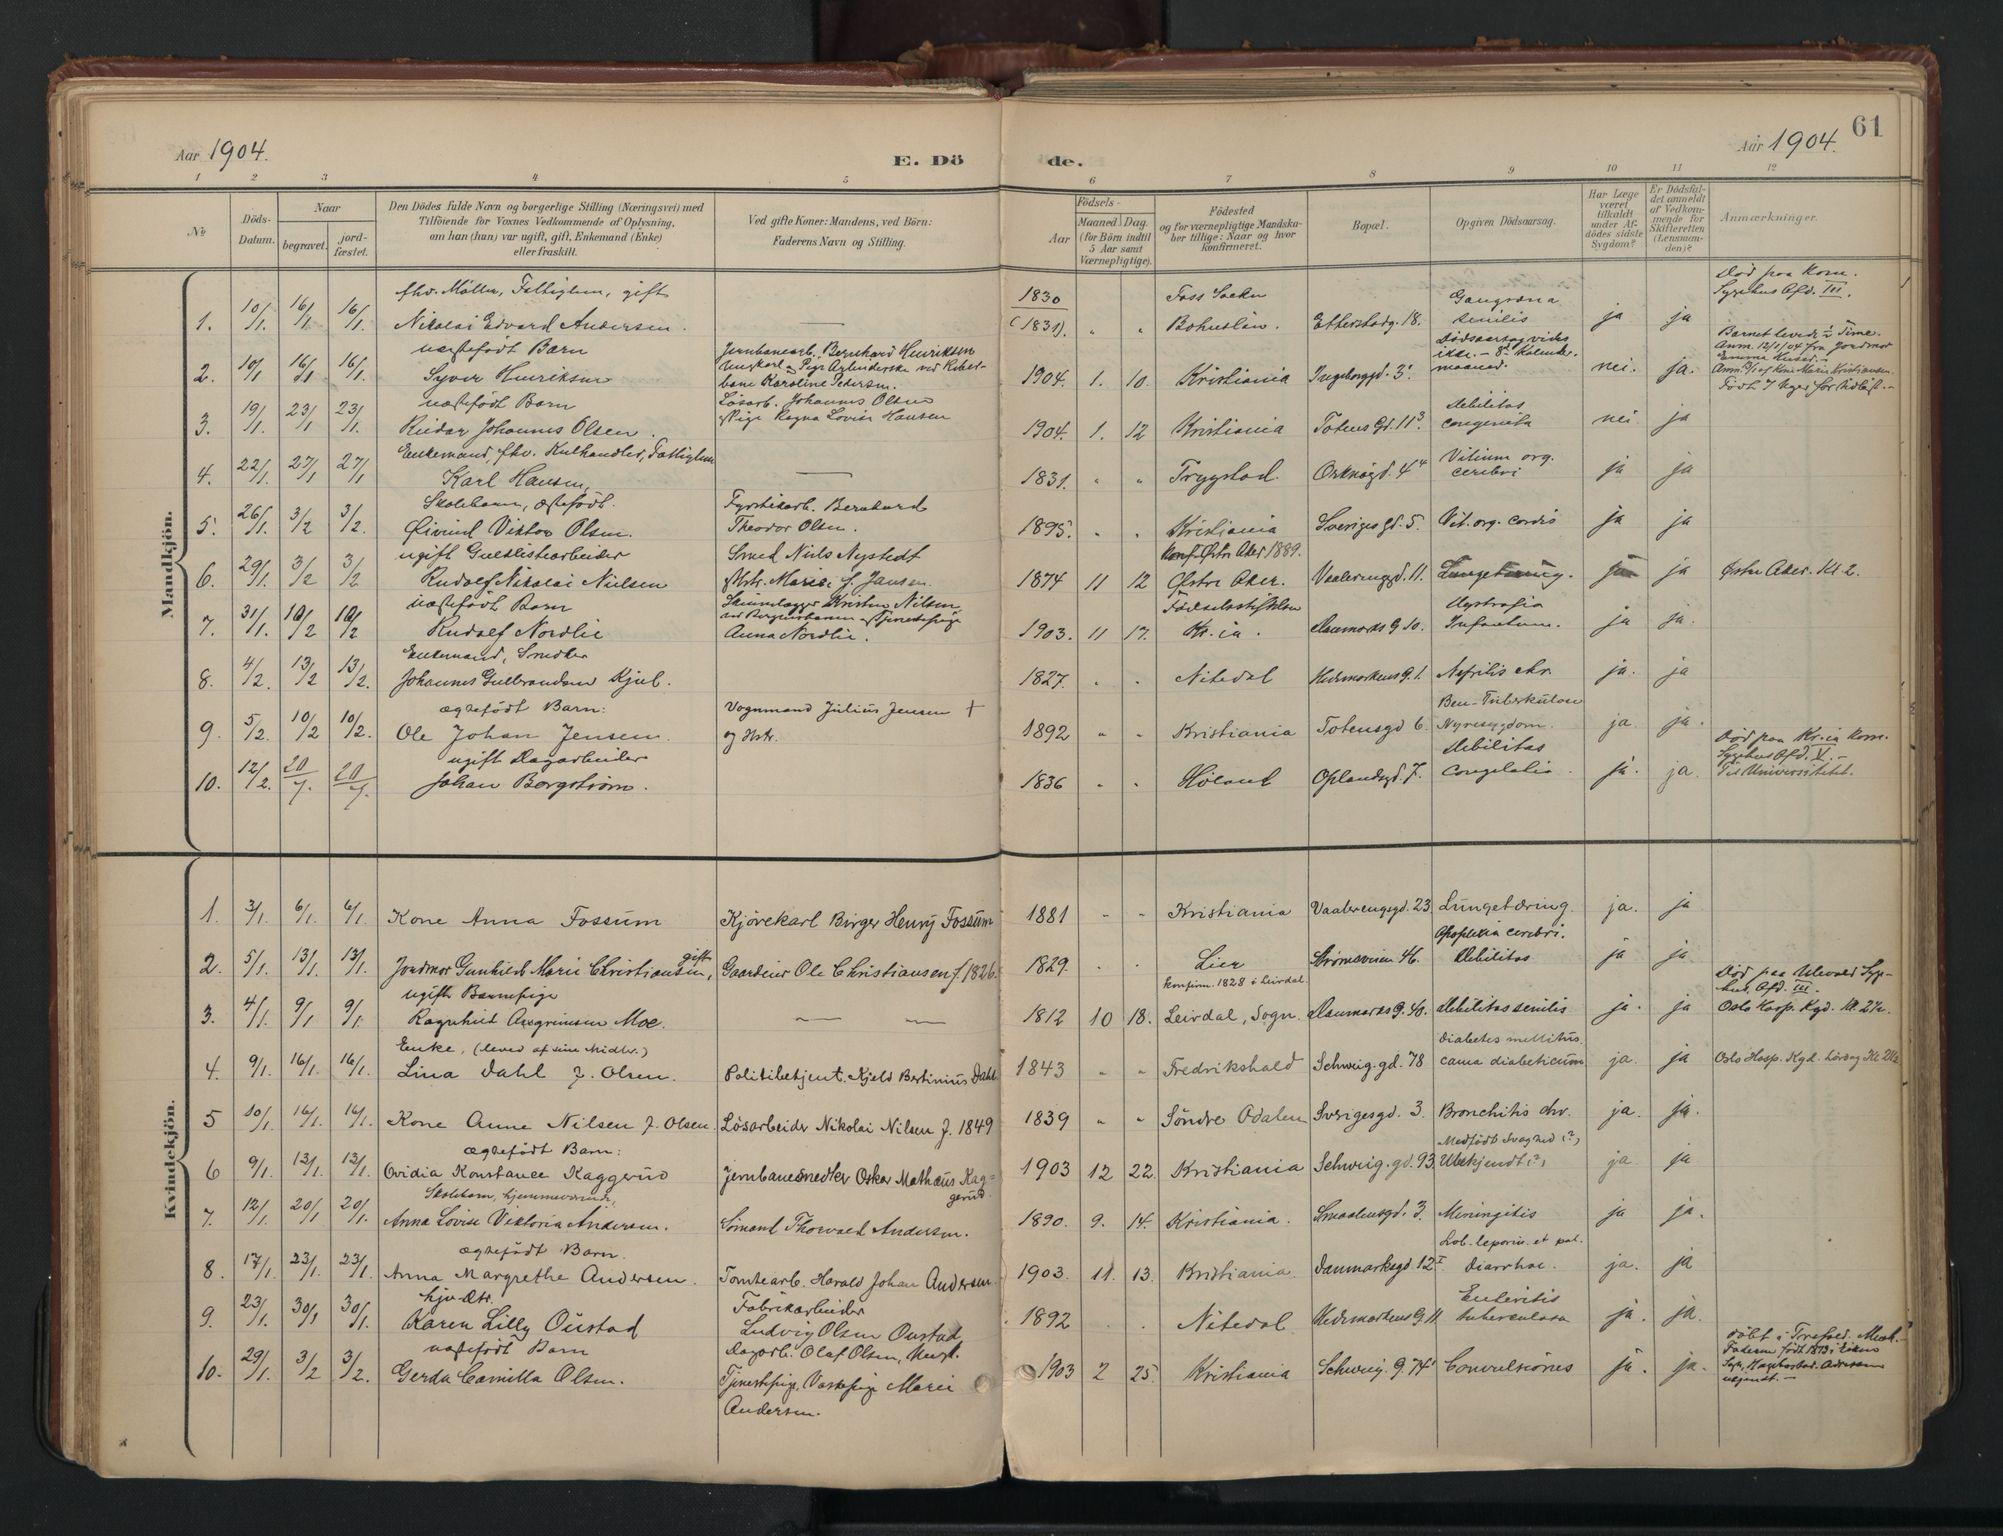 SAO, Vålerengen prestekontor Kirkebøker, F/Fa/L0003: Ministerialbok nr. 3, 1899-1930, s. 61